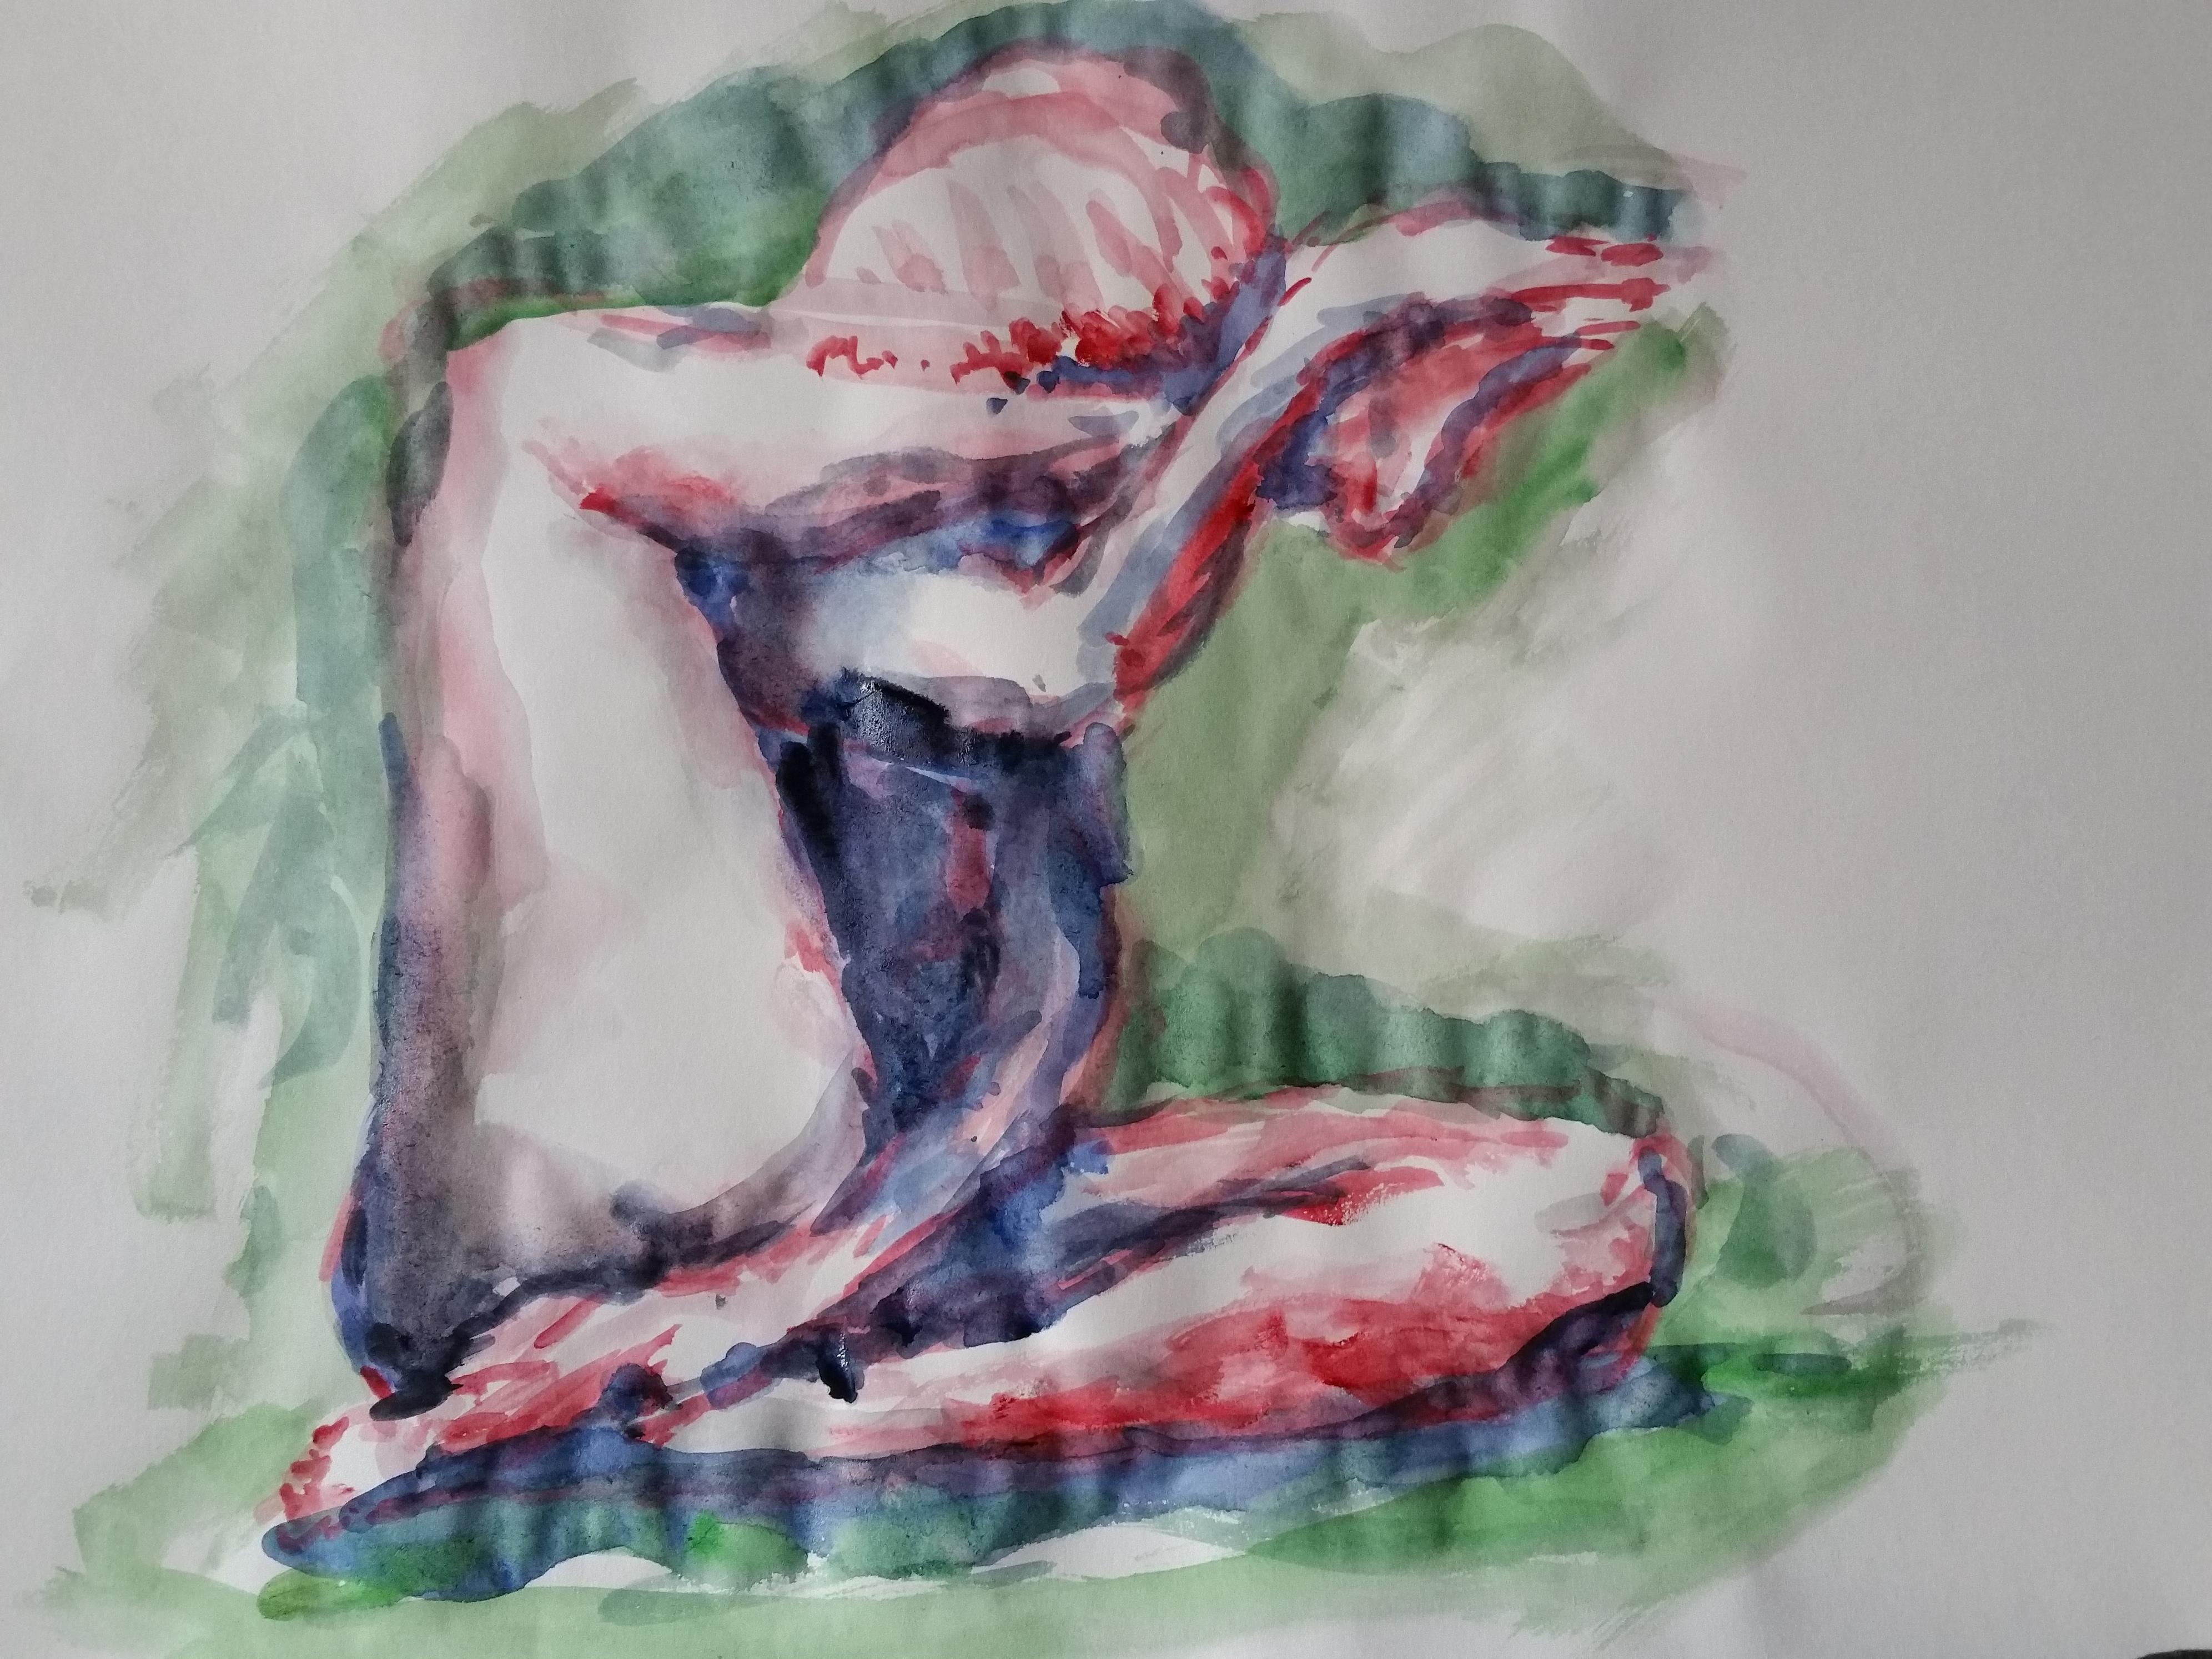 Aquarelle le rouge et vert modèle vivant assis  cours de dessin